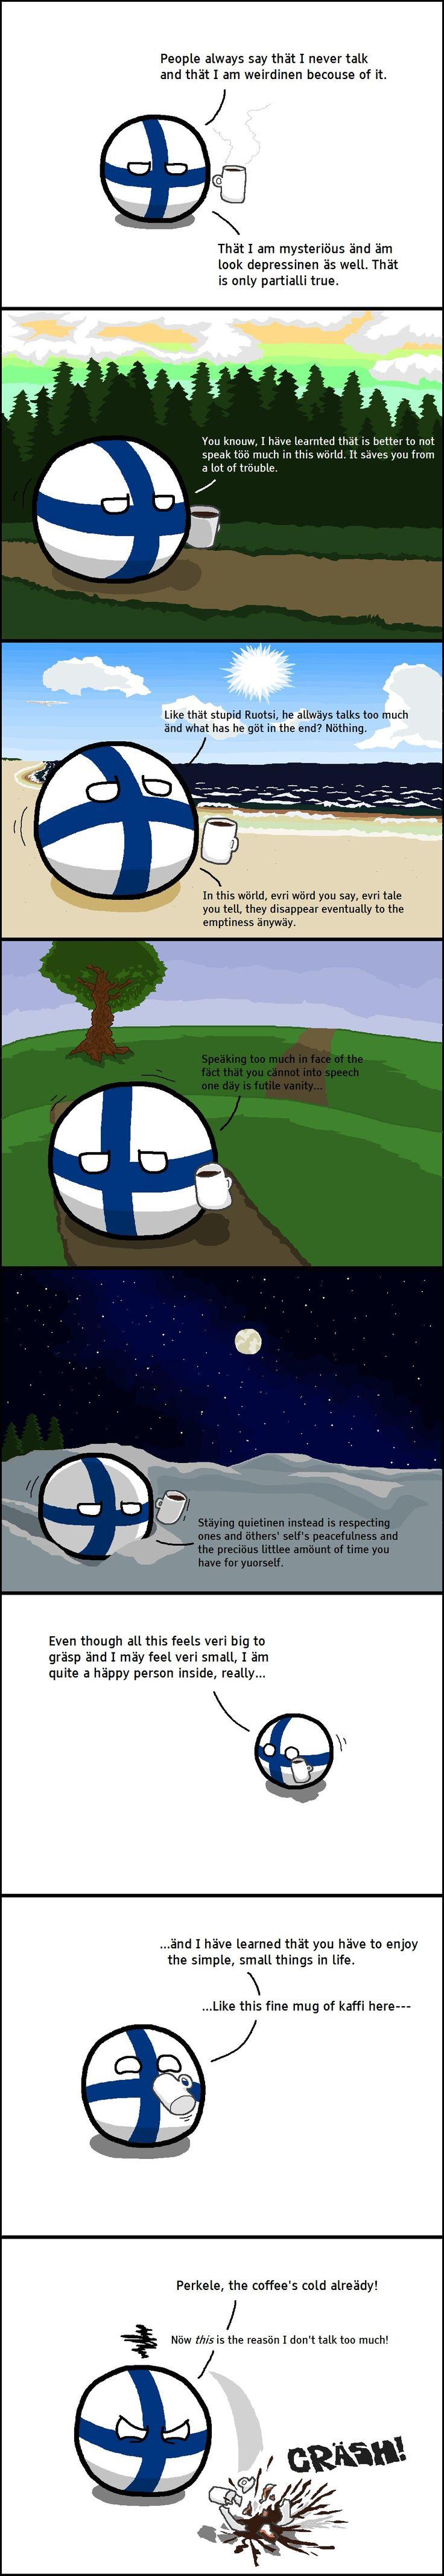 Finlandball gets deep